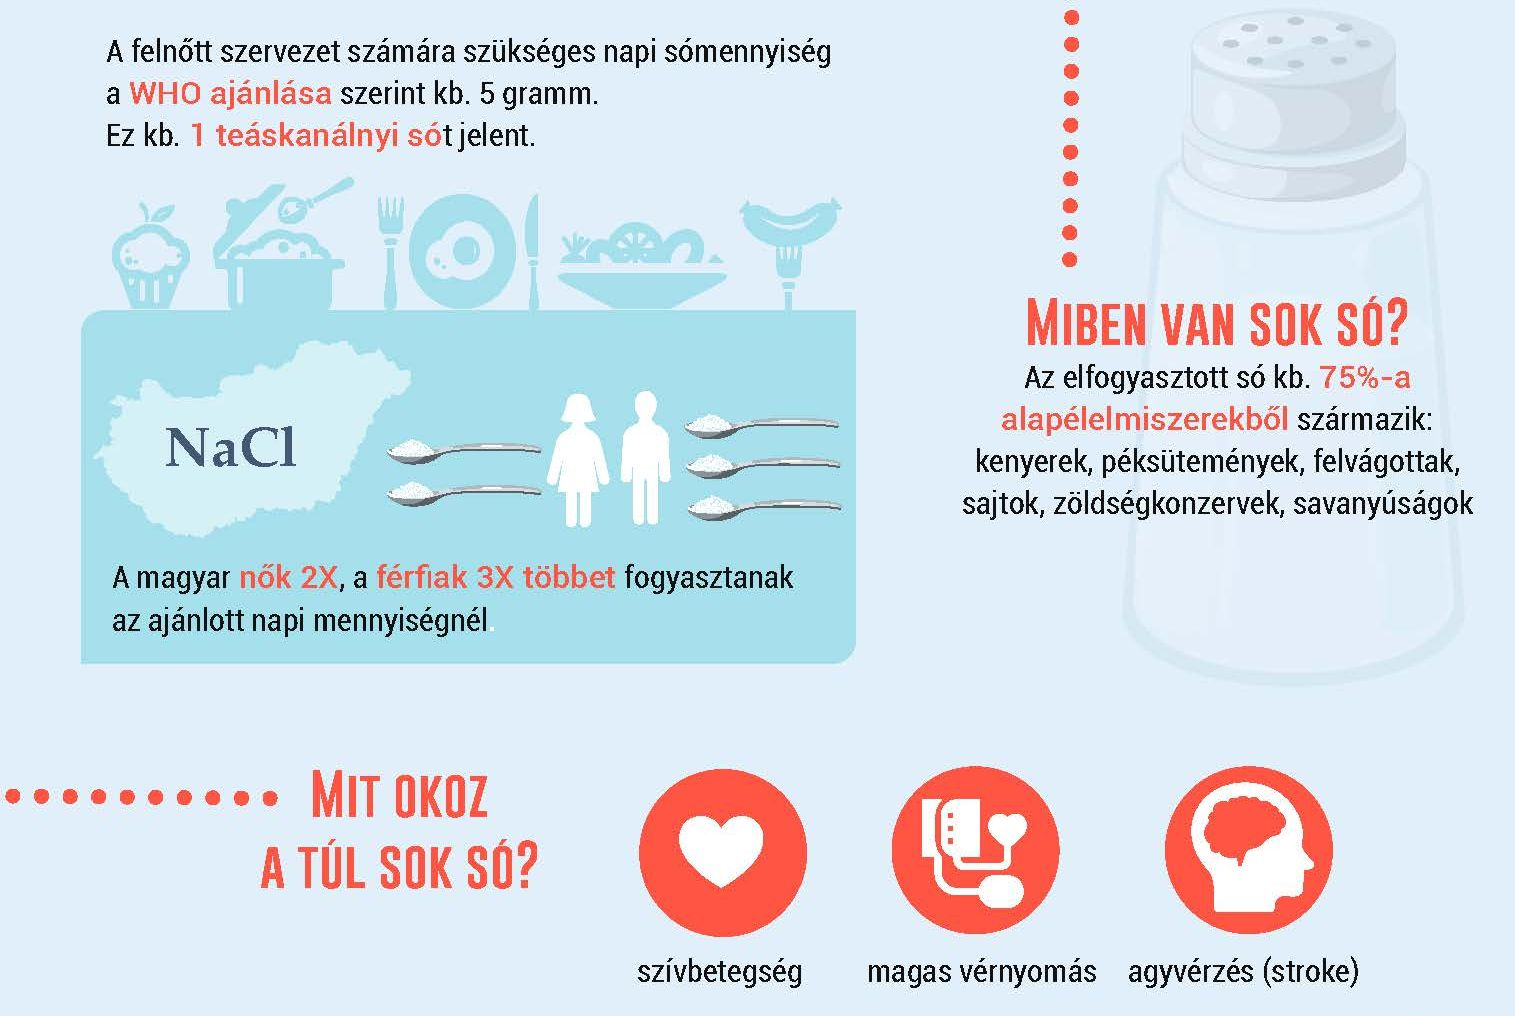 csalad.hu - Kétszer-háromszor több sót fogyasztunk, mint..